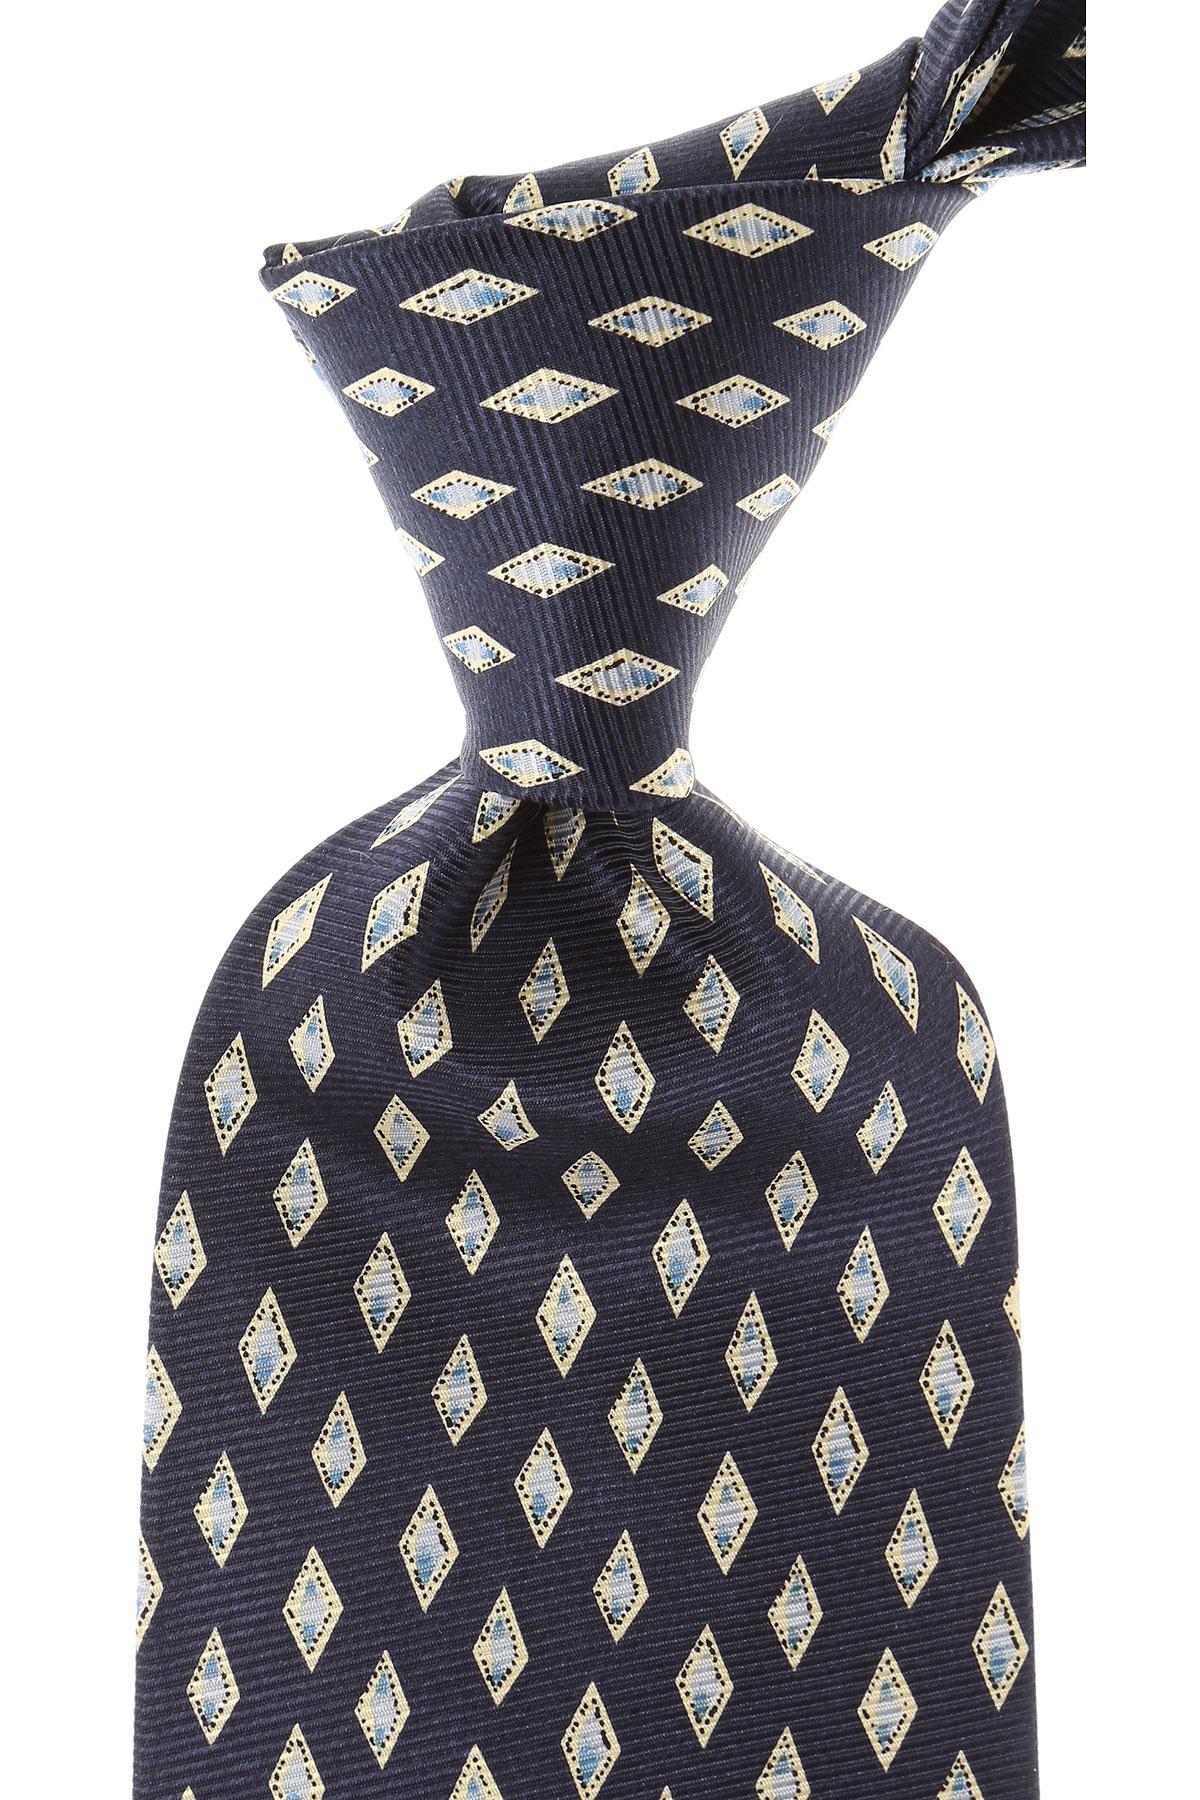 Balmain Cravates Pas cher en Soldes, Bleu marine, Soie, 2019